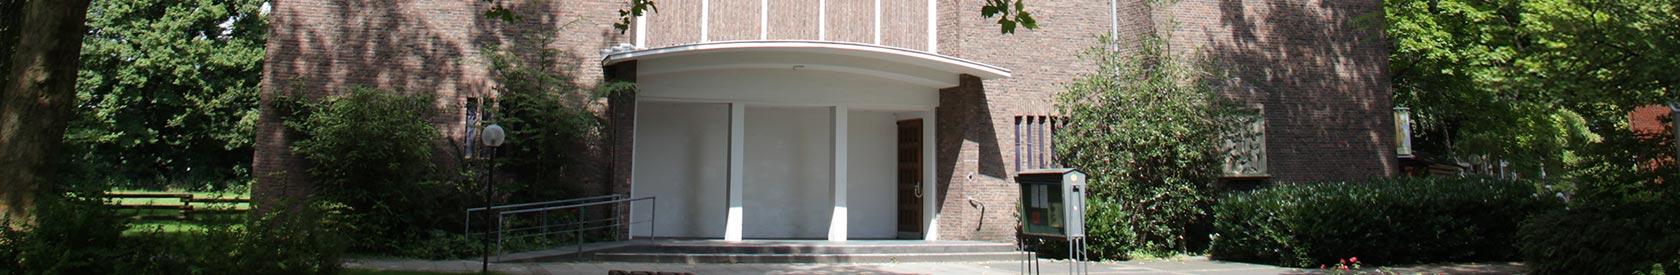 vinzenz konferenz st theresia m nster gemeinschaft der vinzenz konferenzen deutschlands. Black Bedroom Furniture Sets. Home Design Ideas